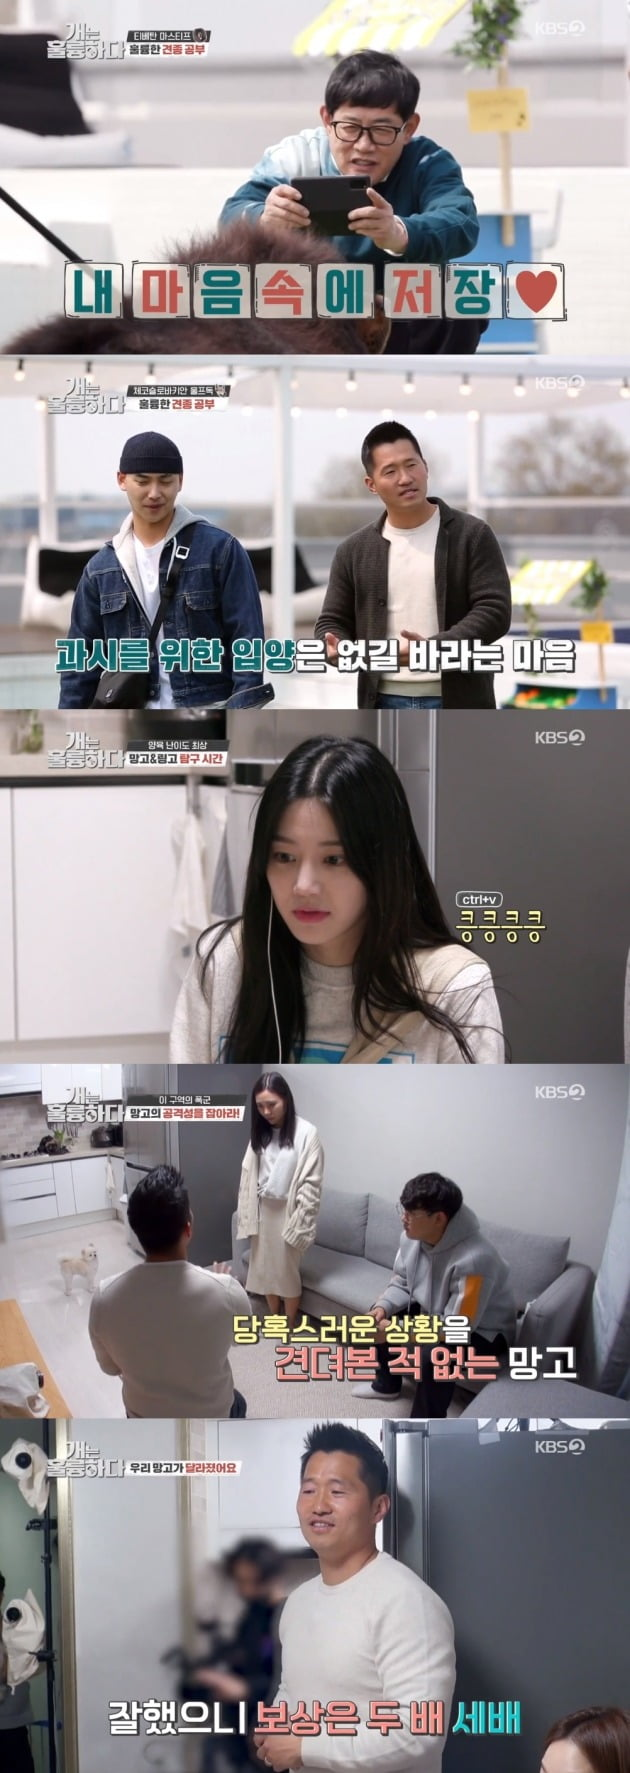 사진=KBS2 '개는 훌륭하다' 방송 화면.